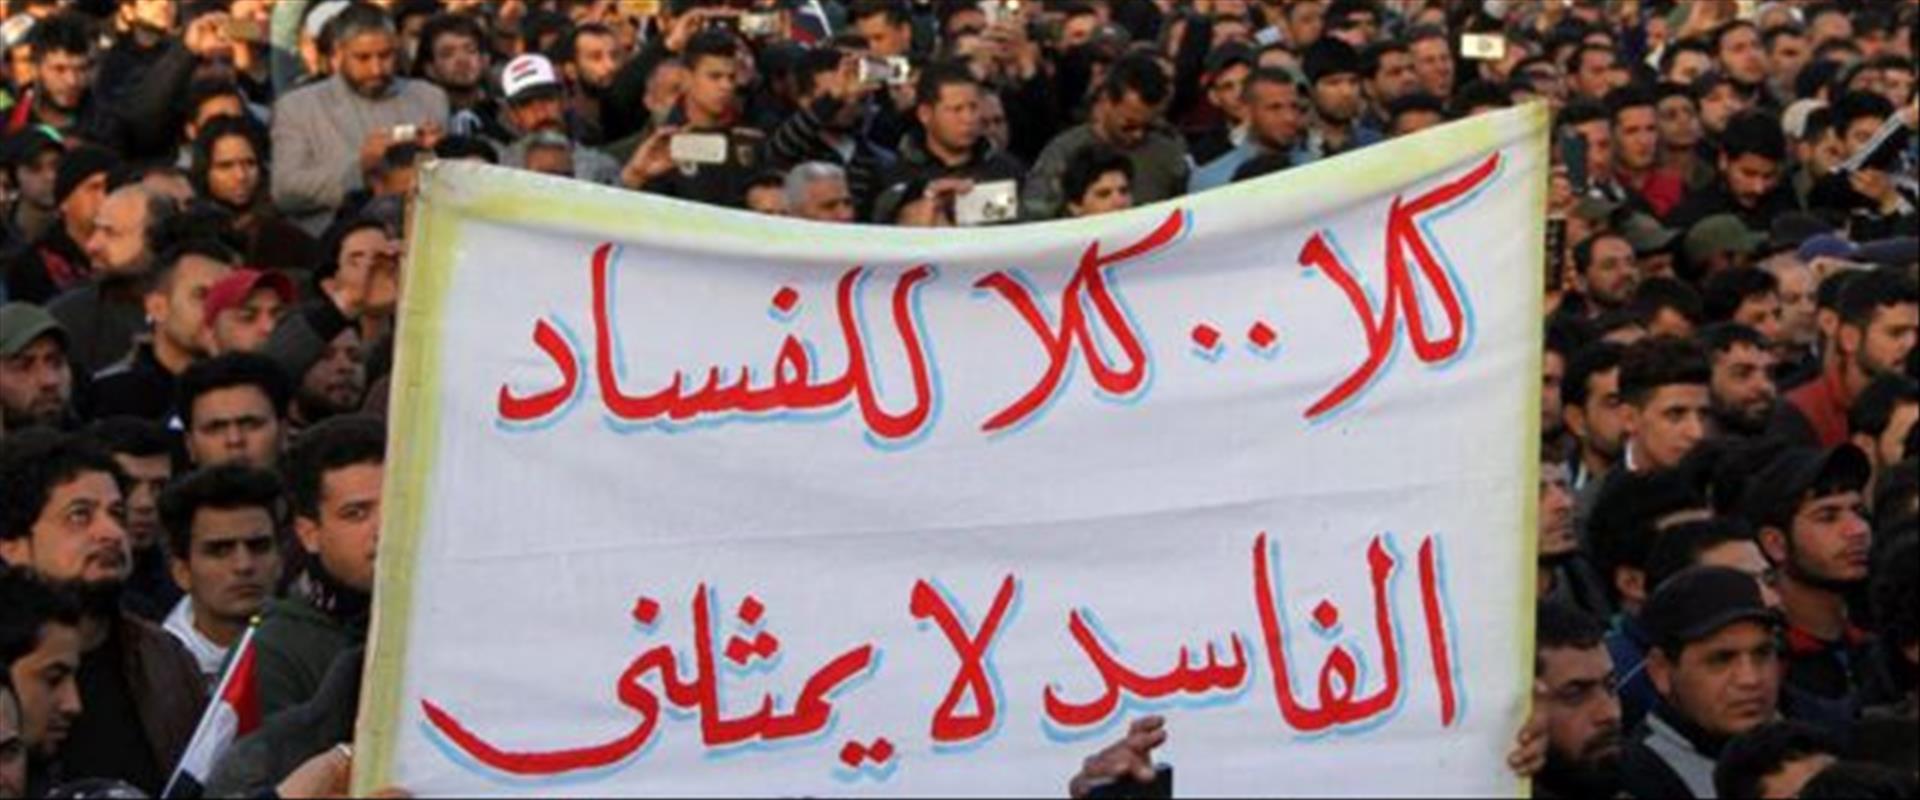 تظاهرة احتجاجية  ضد الفساد